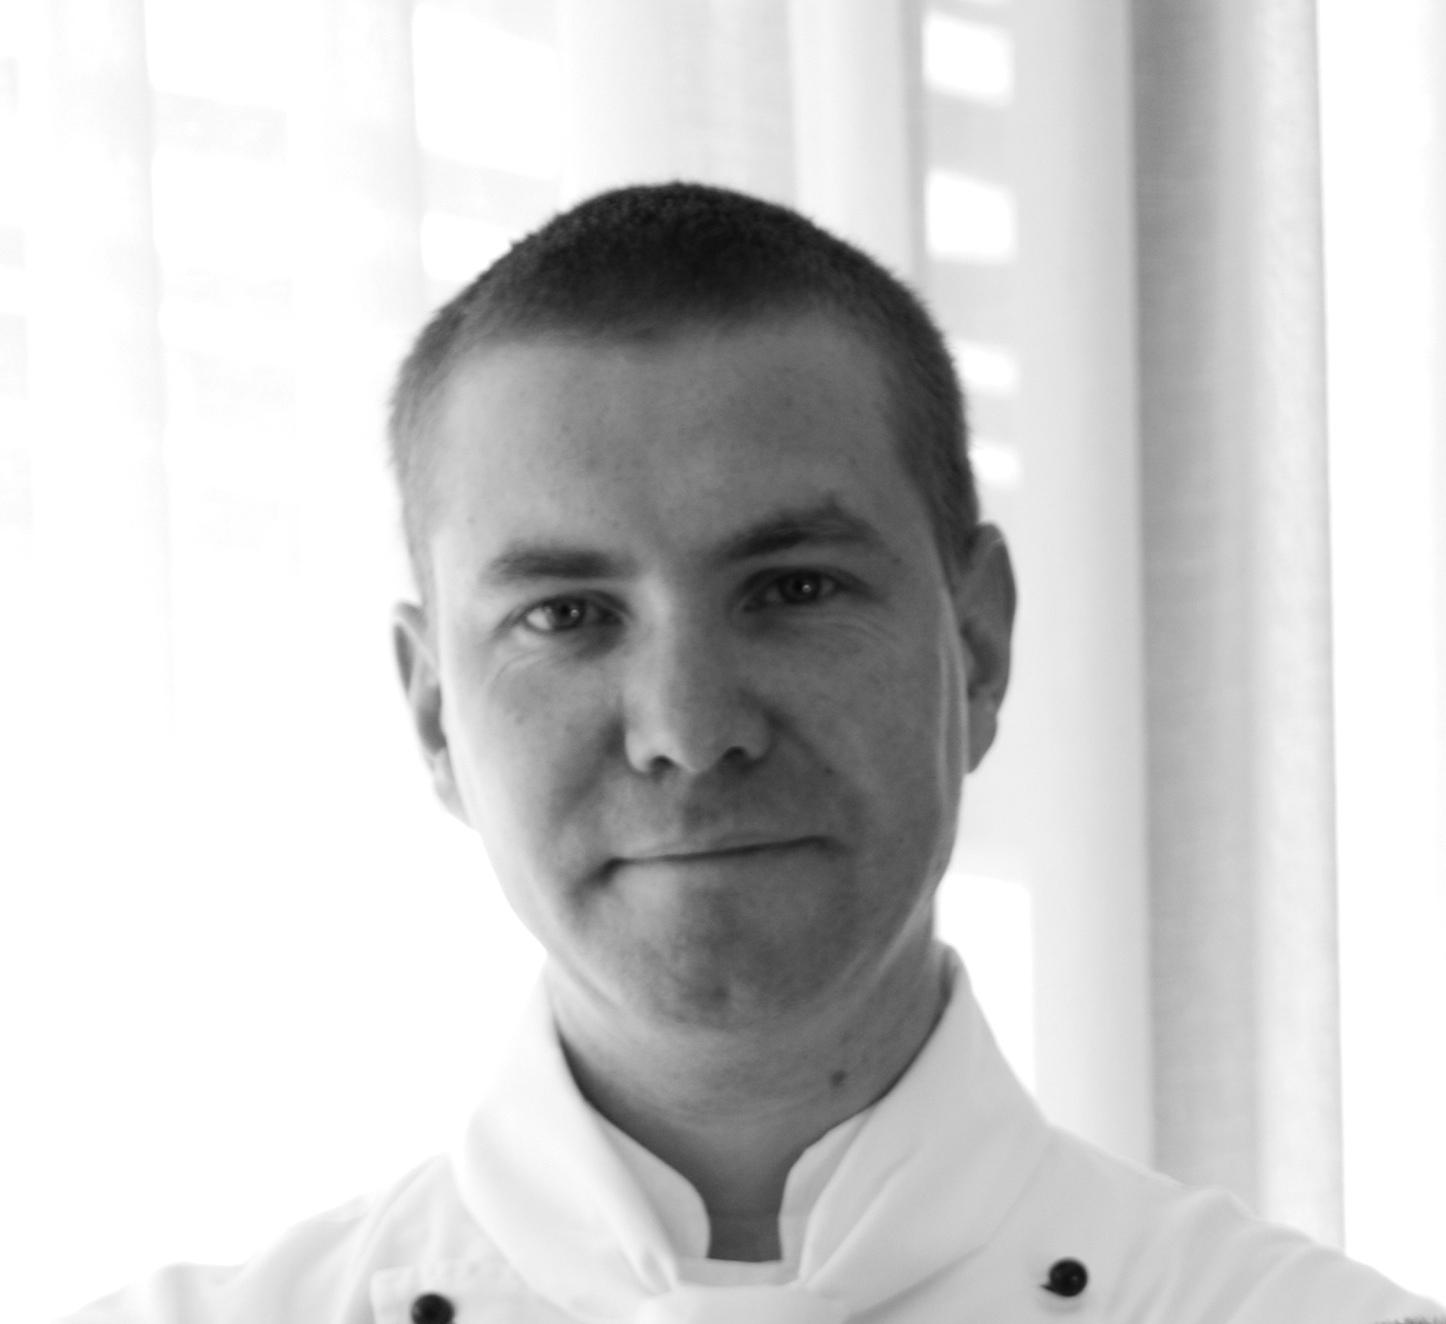 Шеф-повар сети Isrotel делится рецептами из своей коллекции